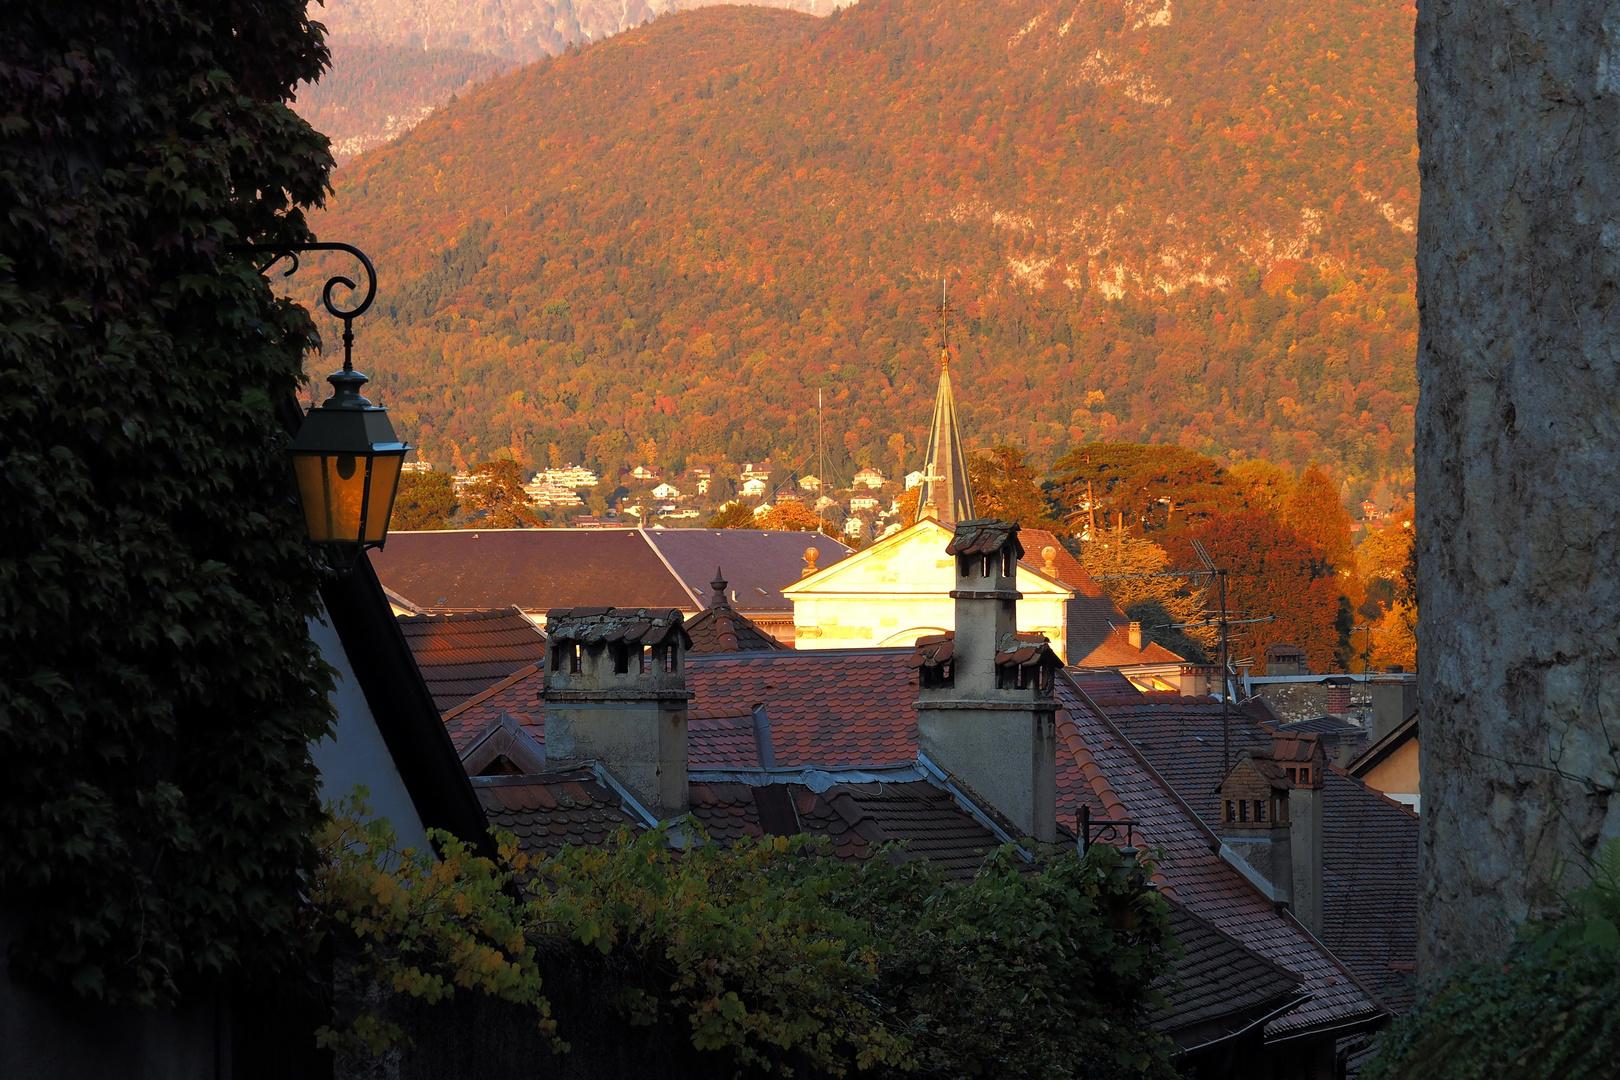 Die Dächer von Annecy